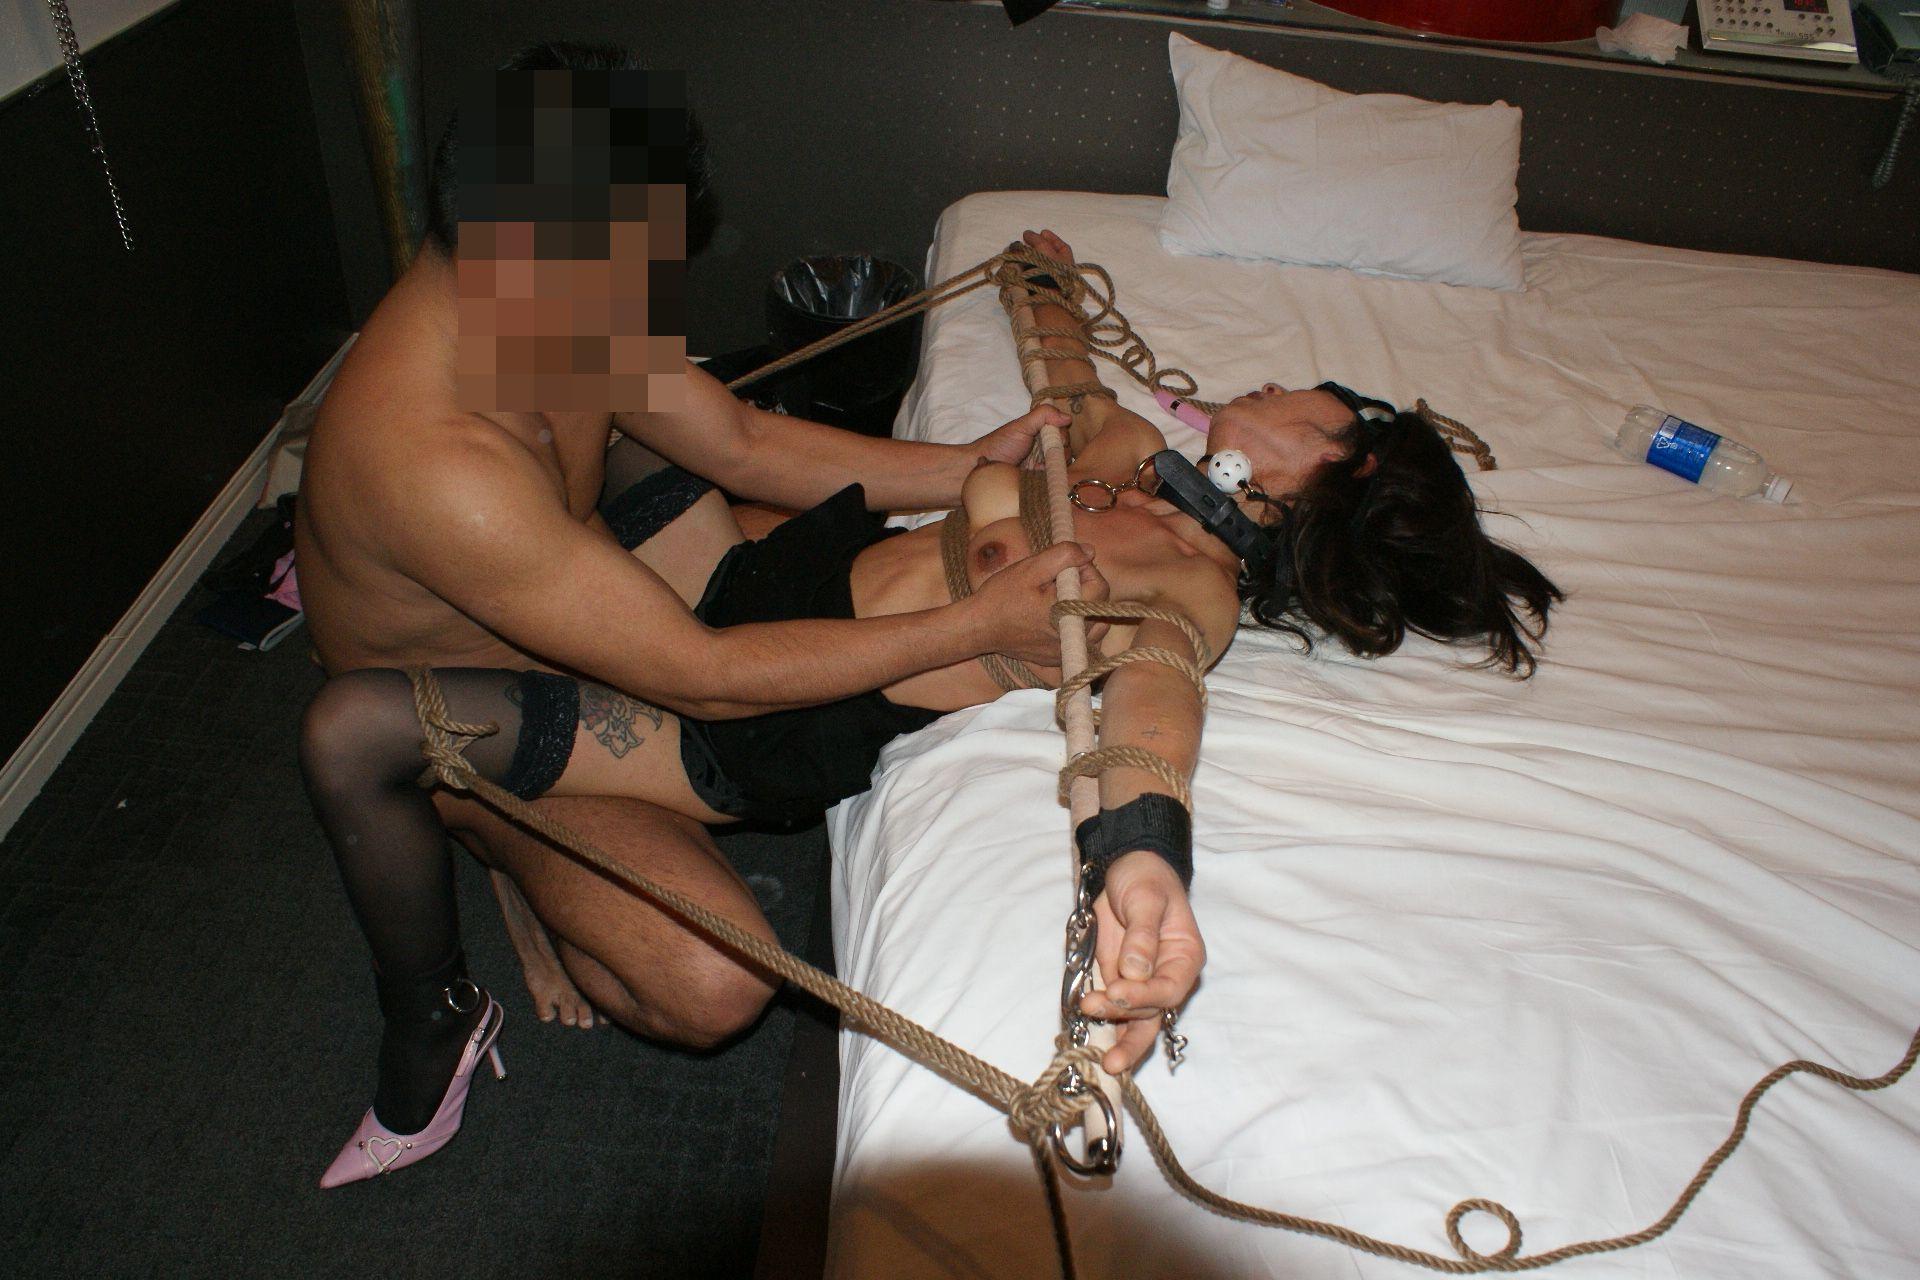 レイプ 緊縛 拘束 セックス エロ画像